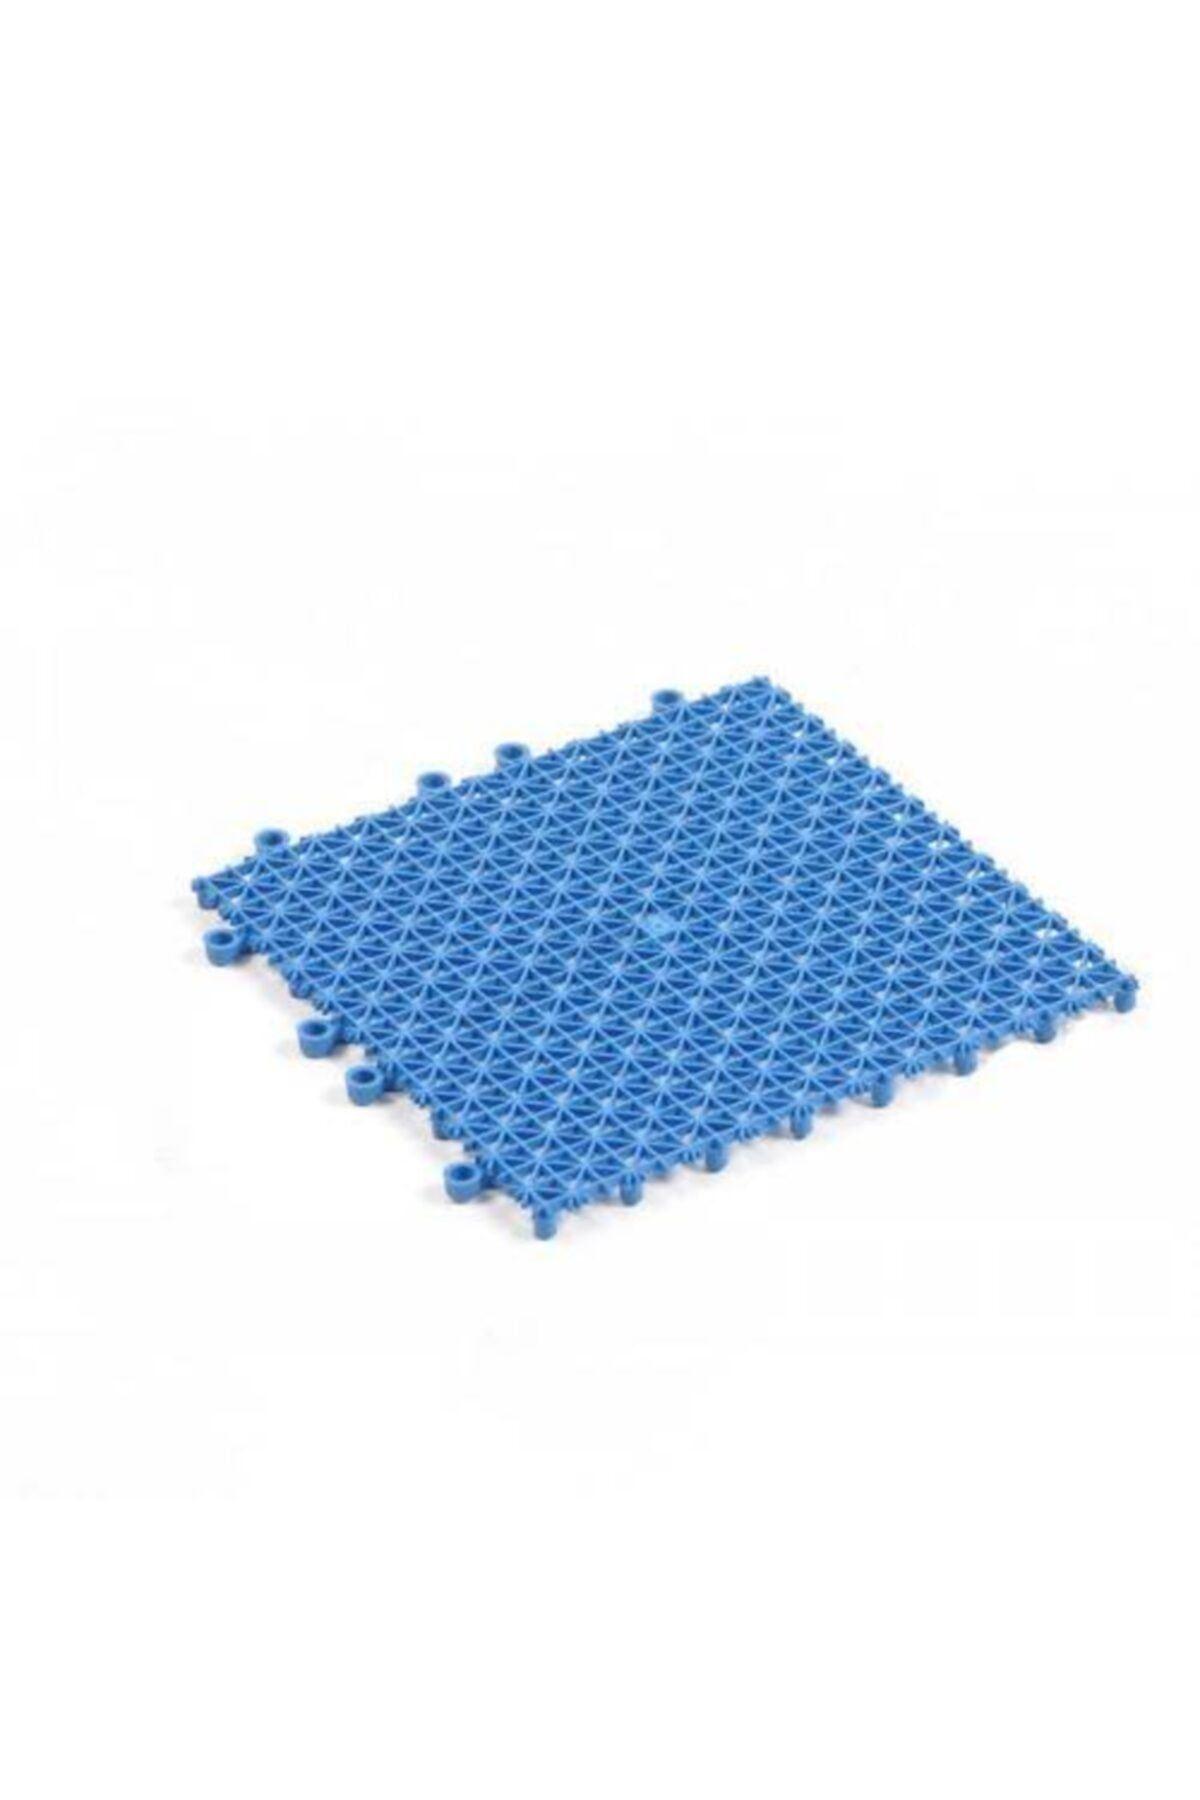 Mavi Plastik Kırılmaz Yer Karosu Zemin Kaplaması 1m2 ( 16 Adet ) 25 X 25 cm